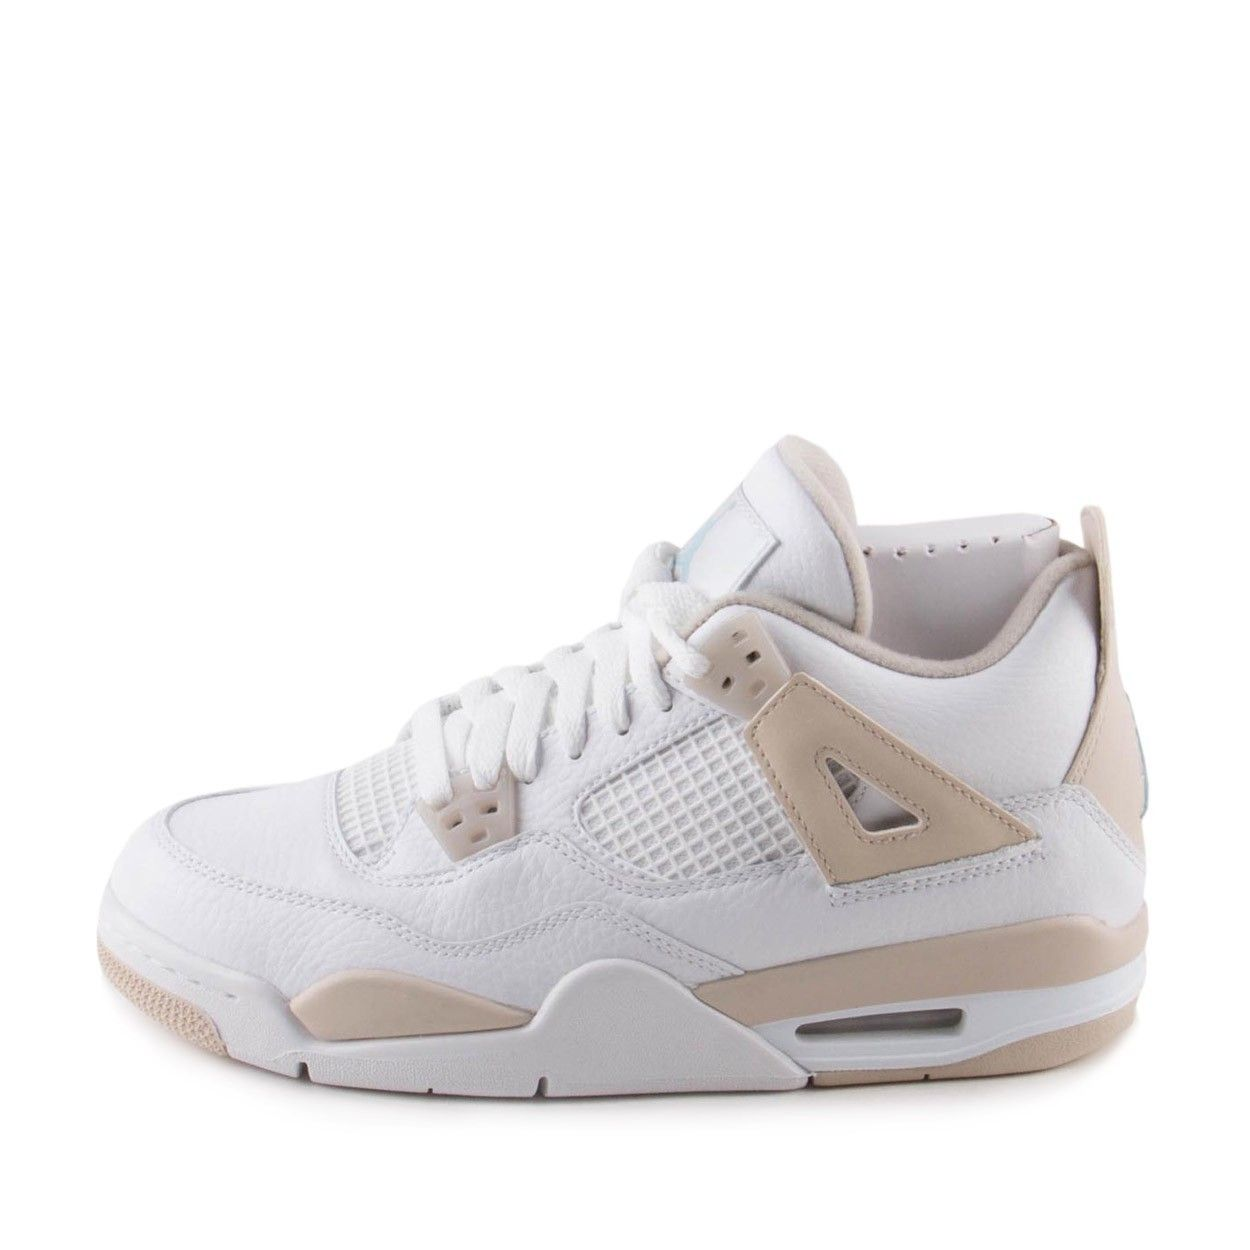 official photos ae50c 230e4 Basket Nike Air Jordan 4 Retro Junior - 487724-118 - Pegashoes